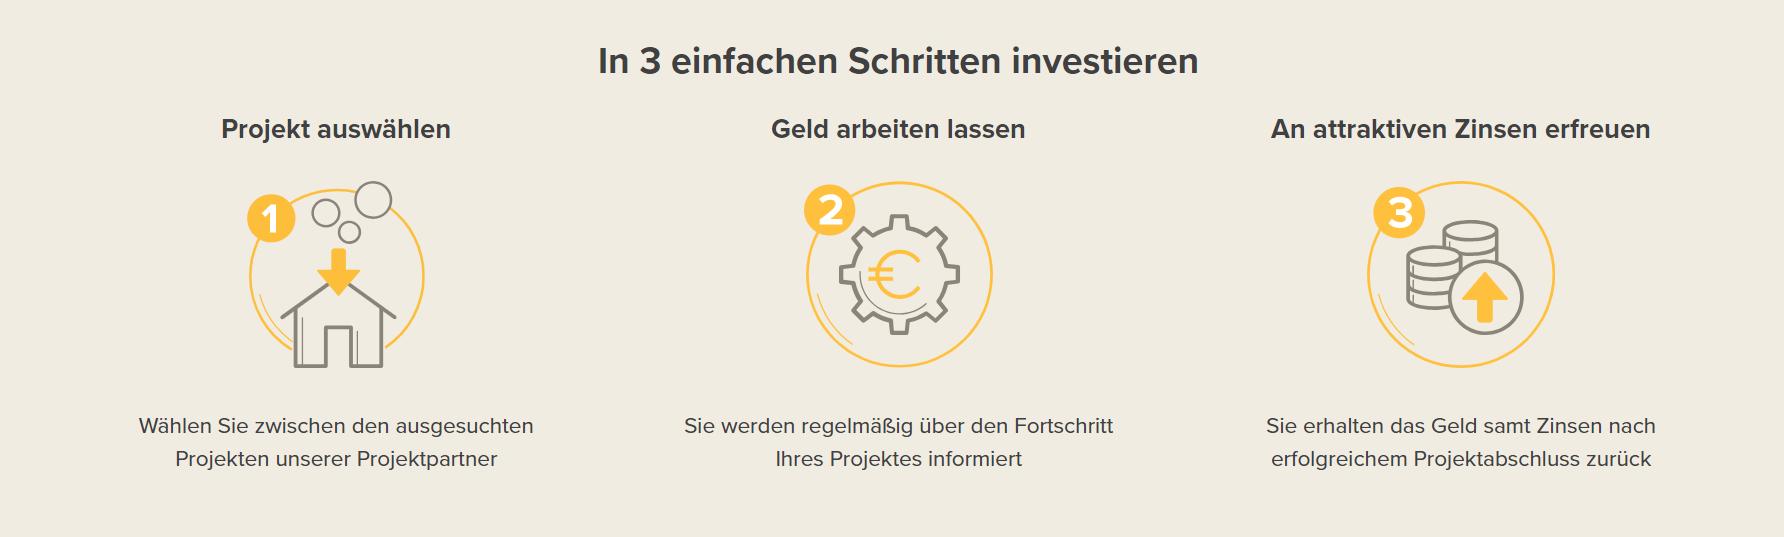 Bei Zinsbaustein können Sie in 3 einfachen Schritten investieren